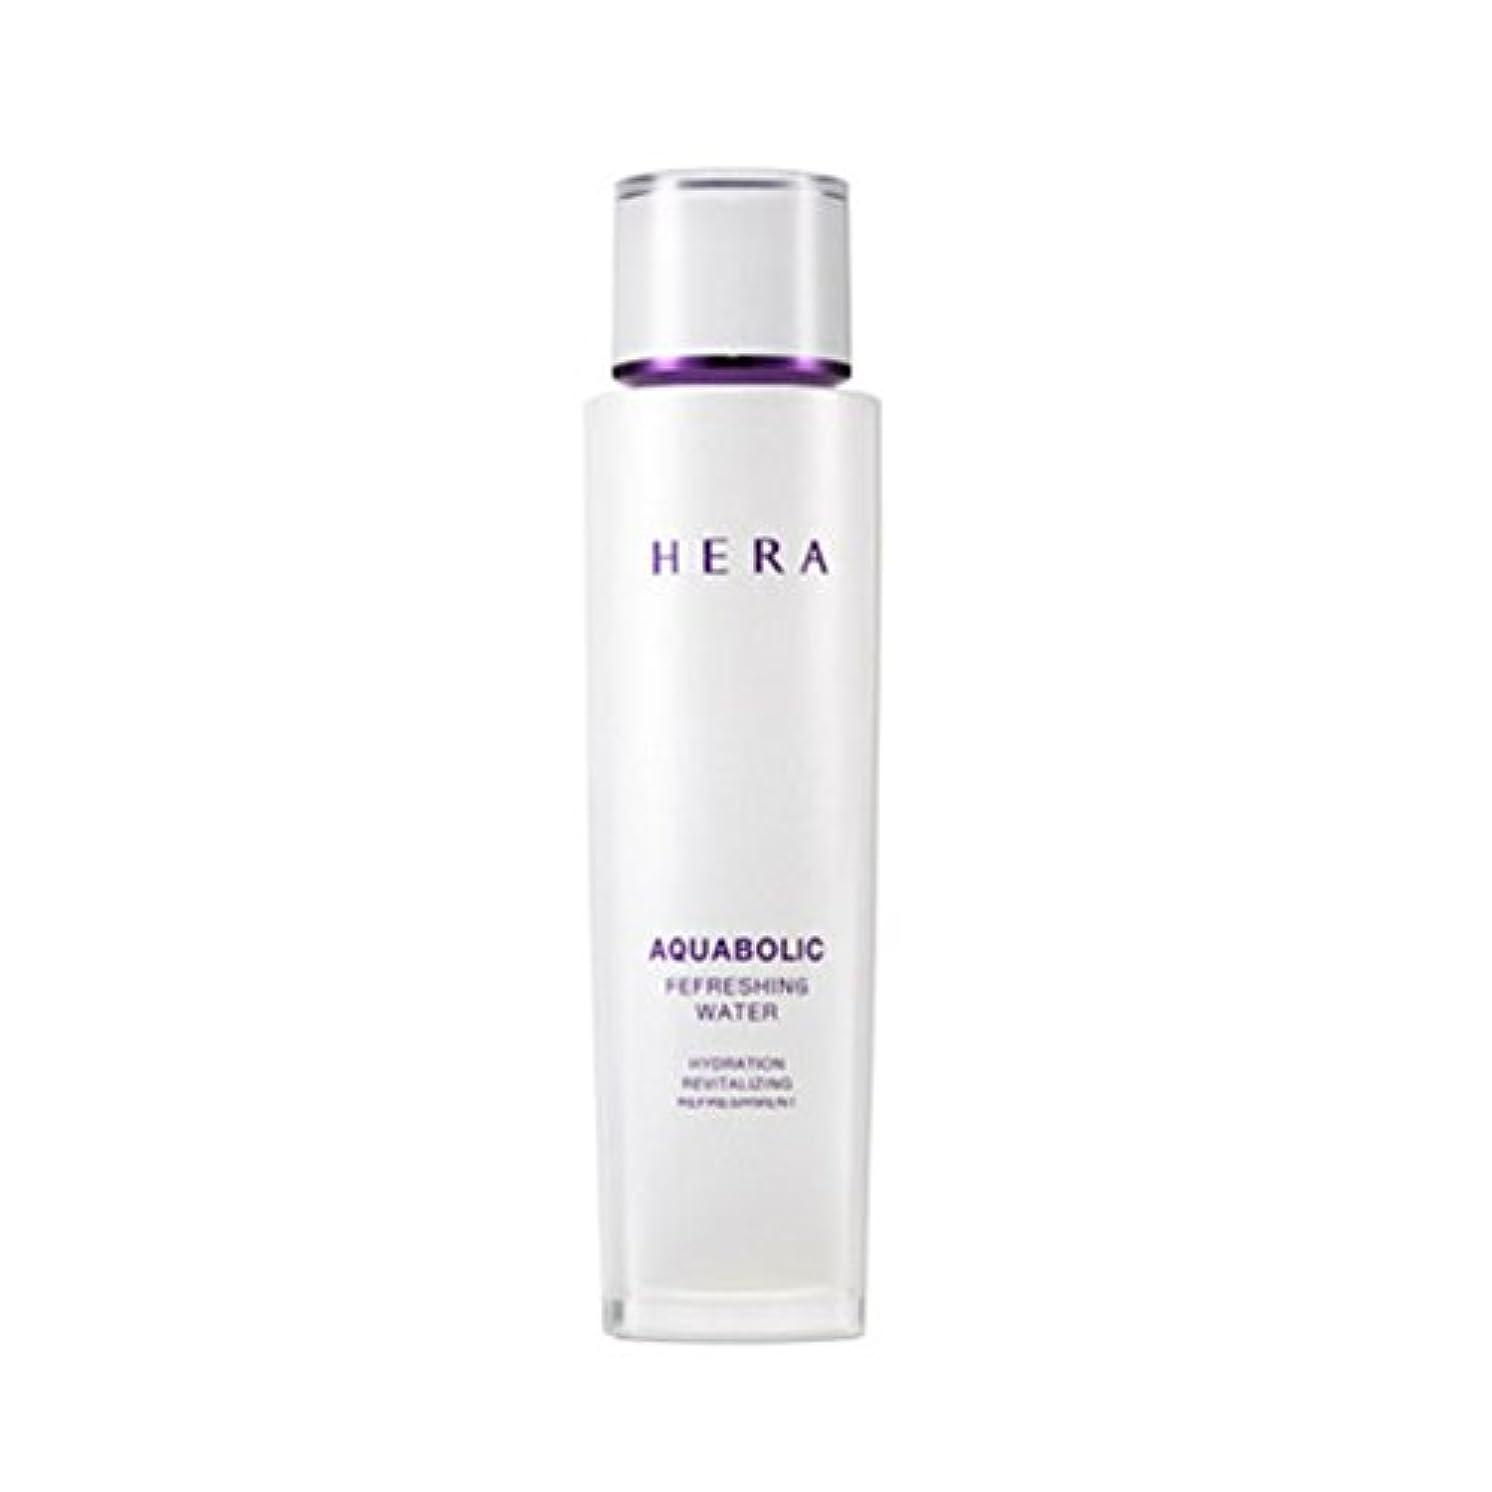 疼痛出費前文(ヘラ) HERA Aquabolic Refreshing Water アクアボリックリフレッシュウォーター (韓国直発送) oopspanda